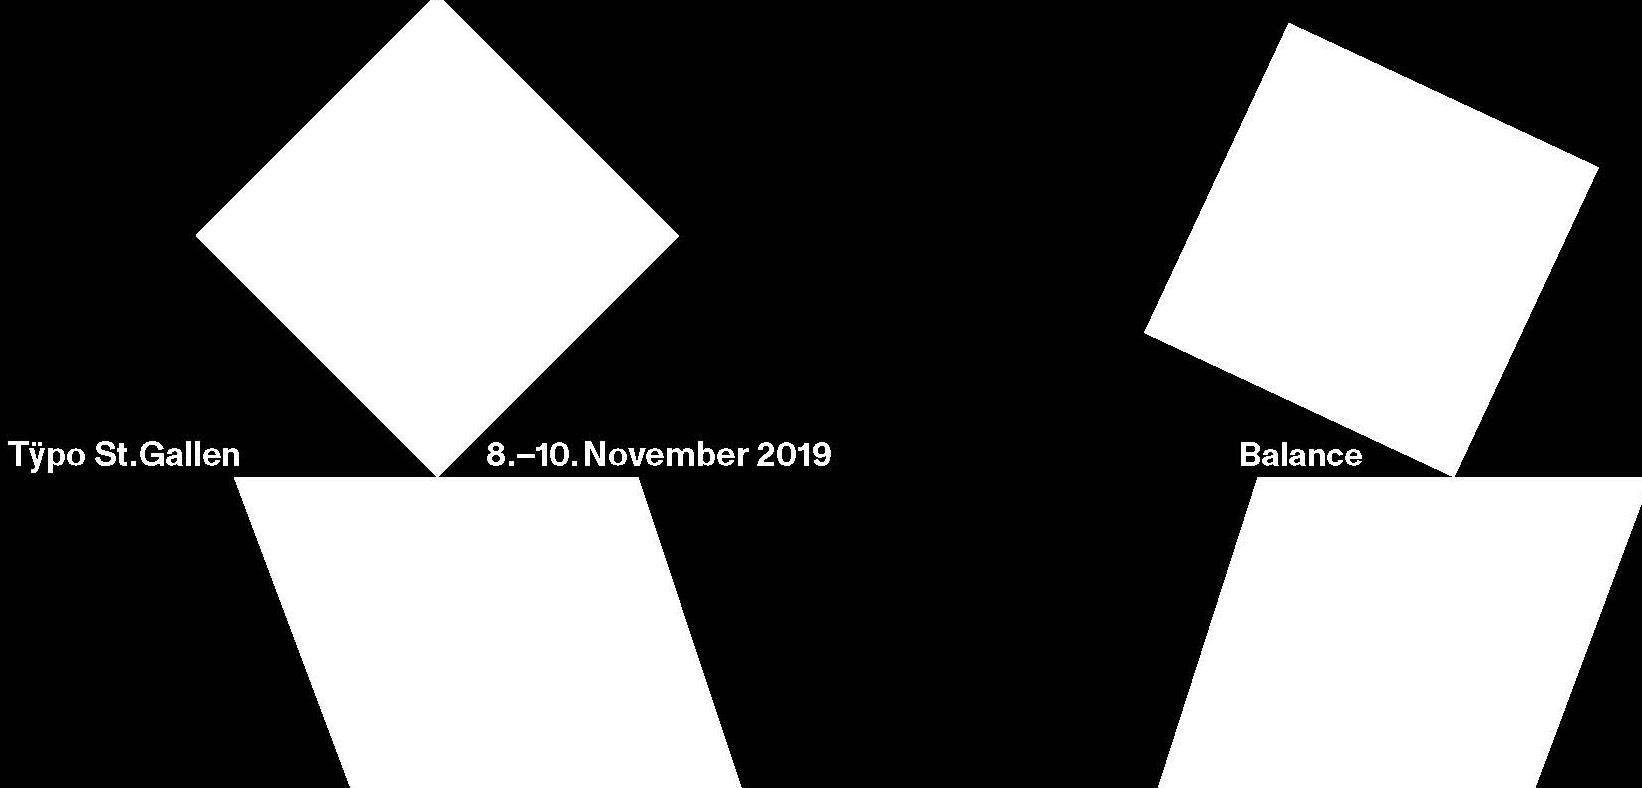 Tÿpo St. Gallen 2019